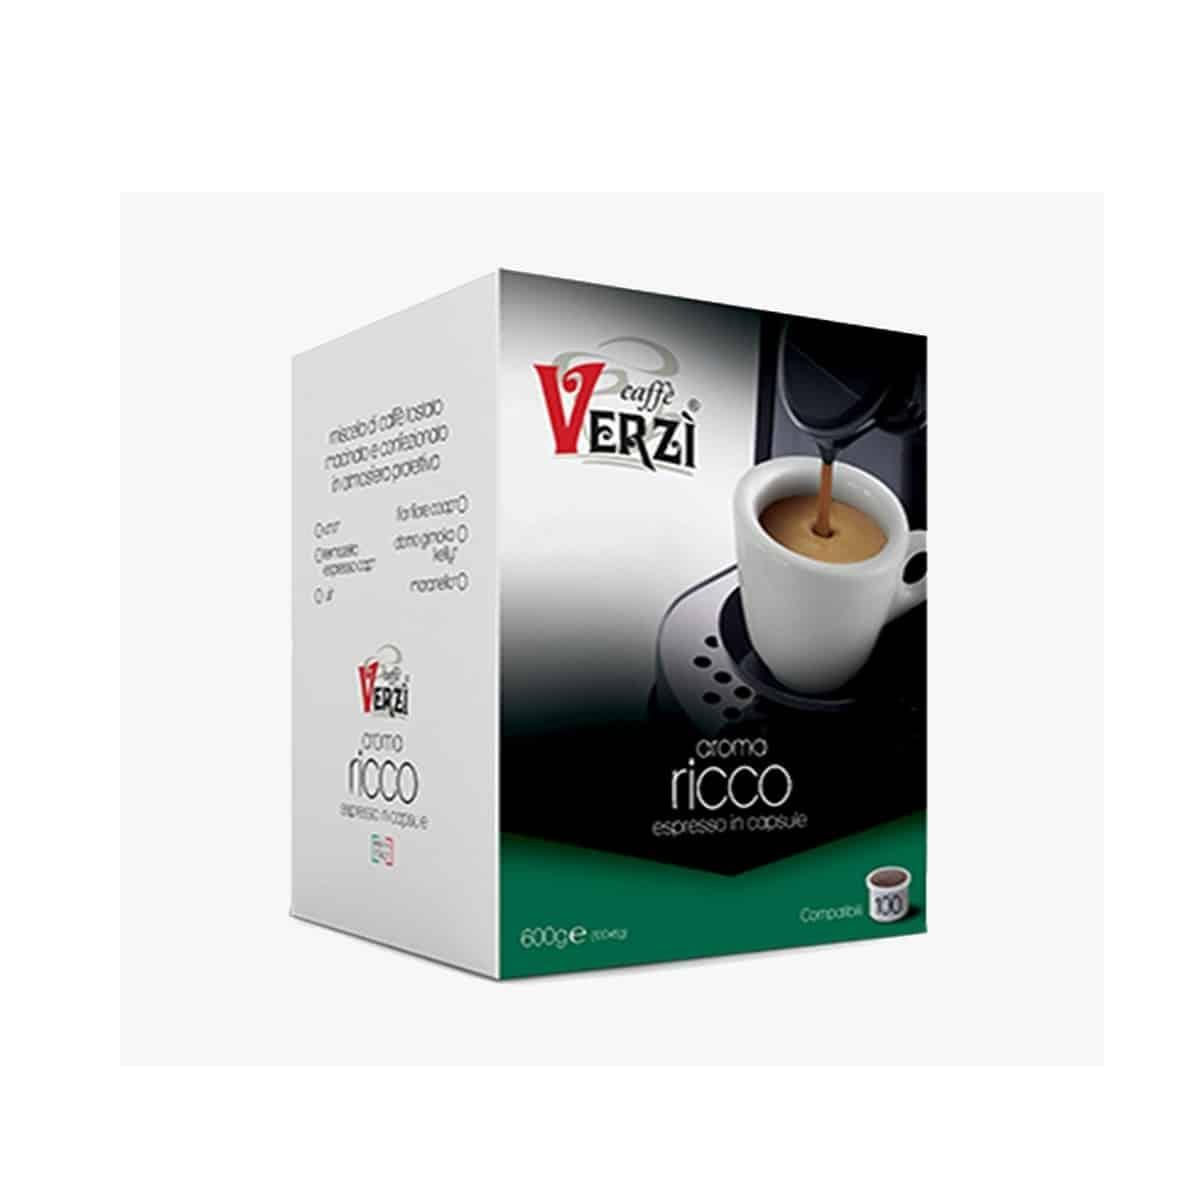 Rocard Caffè Verzi - Compatibile Fior Fiore - Miscela Ricco 300 Capsule